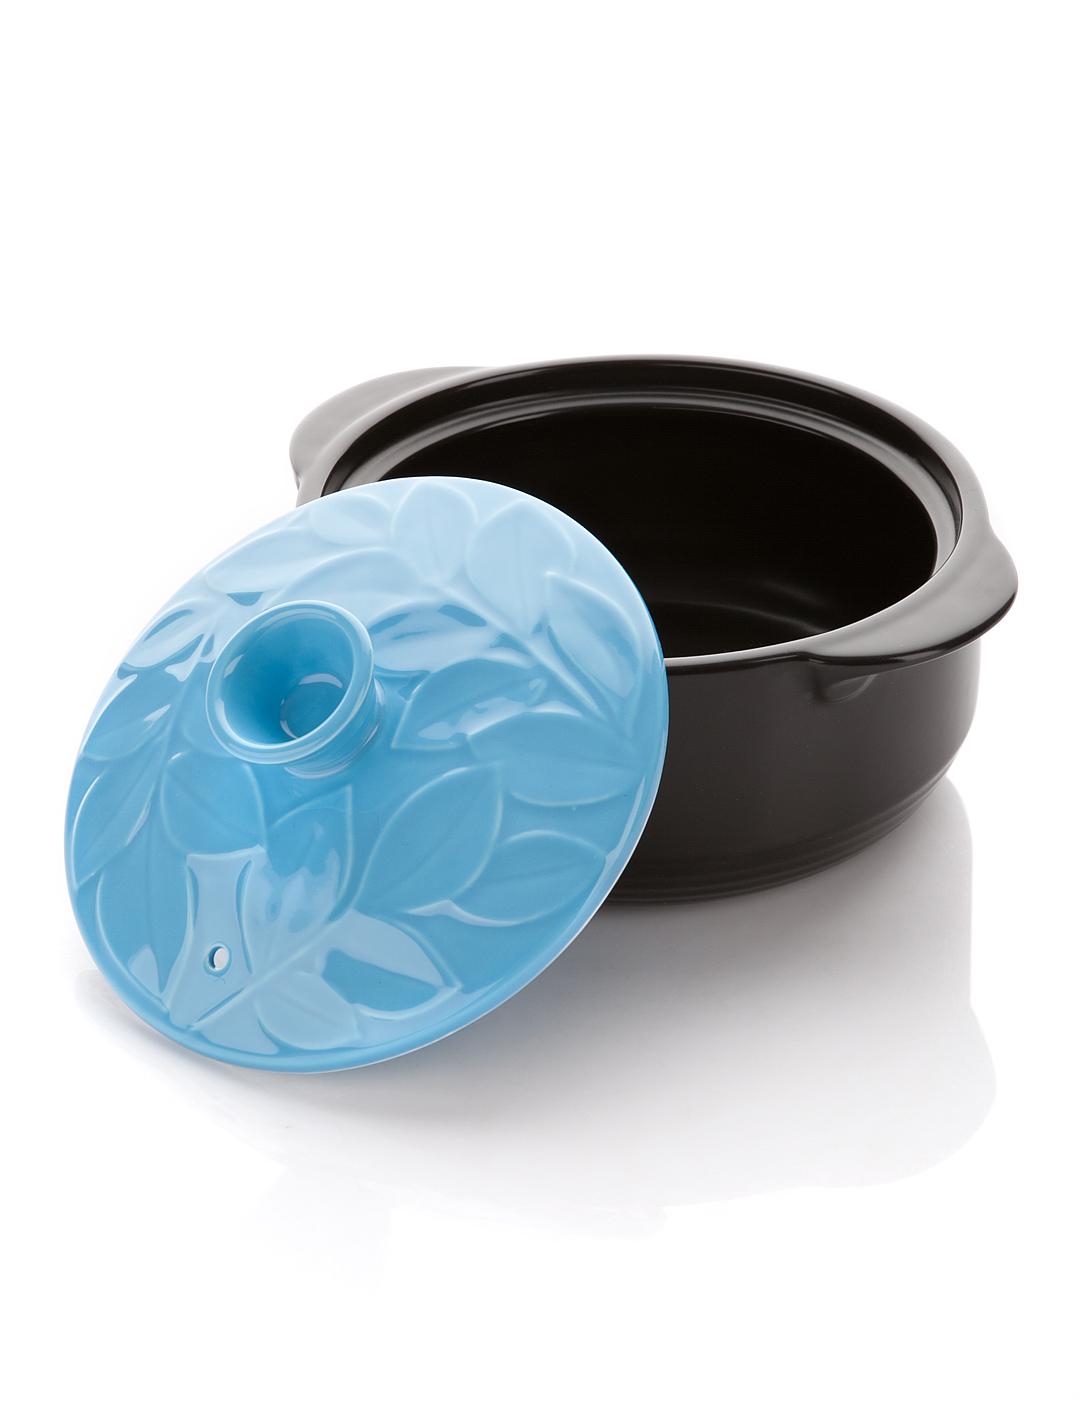 Кастрюля керамическая Hans & Gretchen с крышкой, цвет: голубой, 2,2 л12NF-B20Кастрюля Hans & Gretchen изготовлена из экологически чистой жаропрочной керамики. Керамическая крышка кастрюли оснащена отверстием для выпуска пара. Кастрюля равномерно нагревает блюдо, долго сохраняя тепло и не выделяя абсолютно никаких примесей в пищу. Кастрюля не искажает, а даже усиливает вкус пищи. Крышка изделия оформлена рельефным изображением листьев. Превосходно служит для замораживания продуктов в холодильнике (до -20°С). Кастрюля устойчива к химическим и механическим воздействиям. Благодаря толстым стенкам изделие нагревается равномерно. Кастрюля Hans & Gretchen прекрасно подойдет для запекания и тушения овощей, мяса и других блюд, а оригинальный дизайн и яркое оформление украсят ваш стол. Можно мыть в посудомоечной машине. Кастрюля предназначена для использования на газовой и электрической плитах, в духовке и микроволновой печи. Не подходит для индукционных плит.